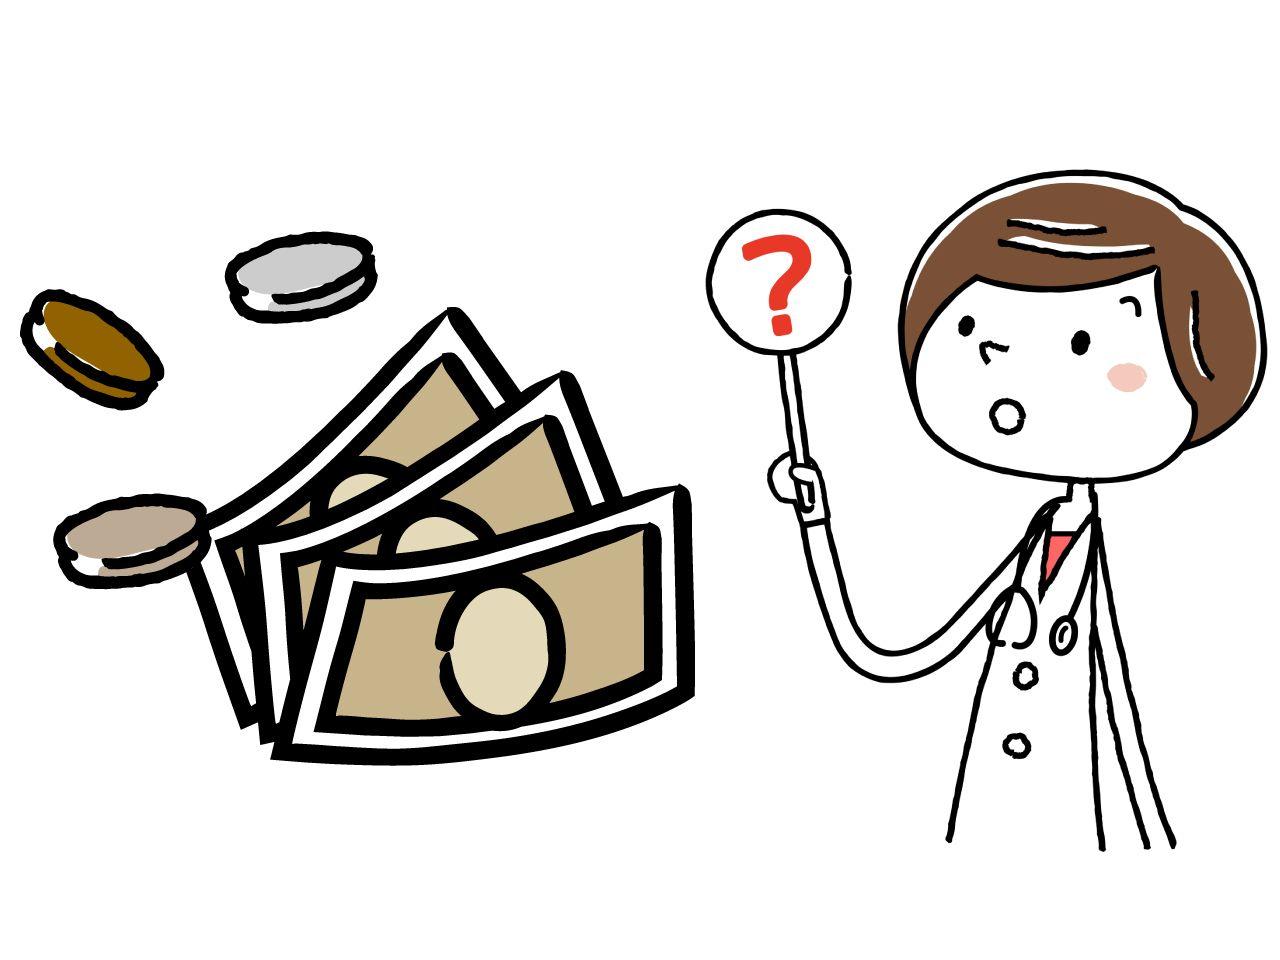 医療ソーシャルワーカーの給料の相場がわからない人のイメージイラスト